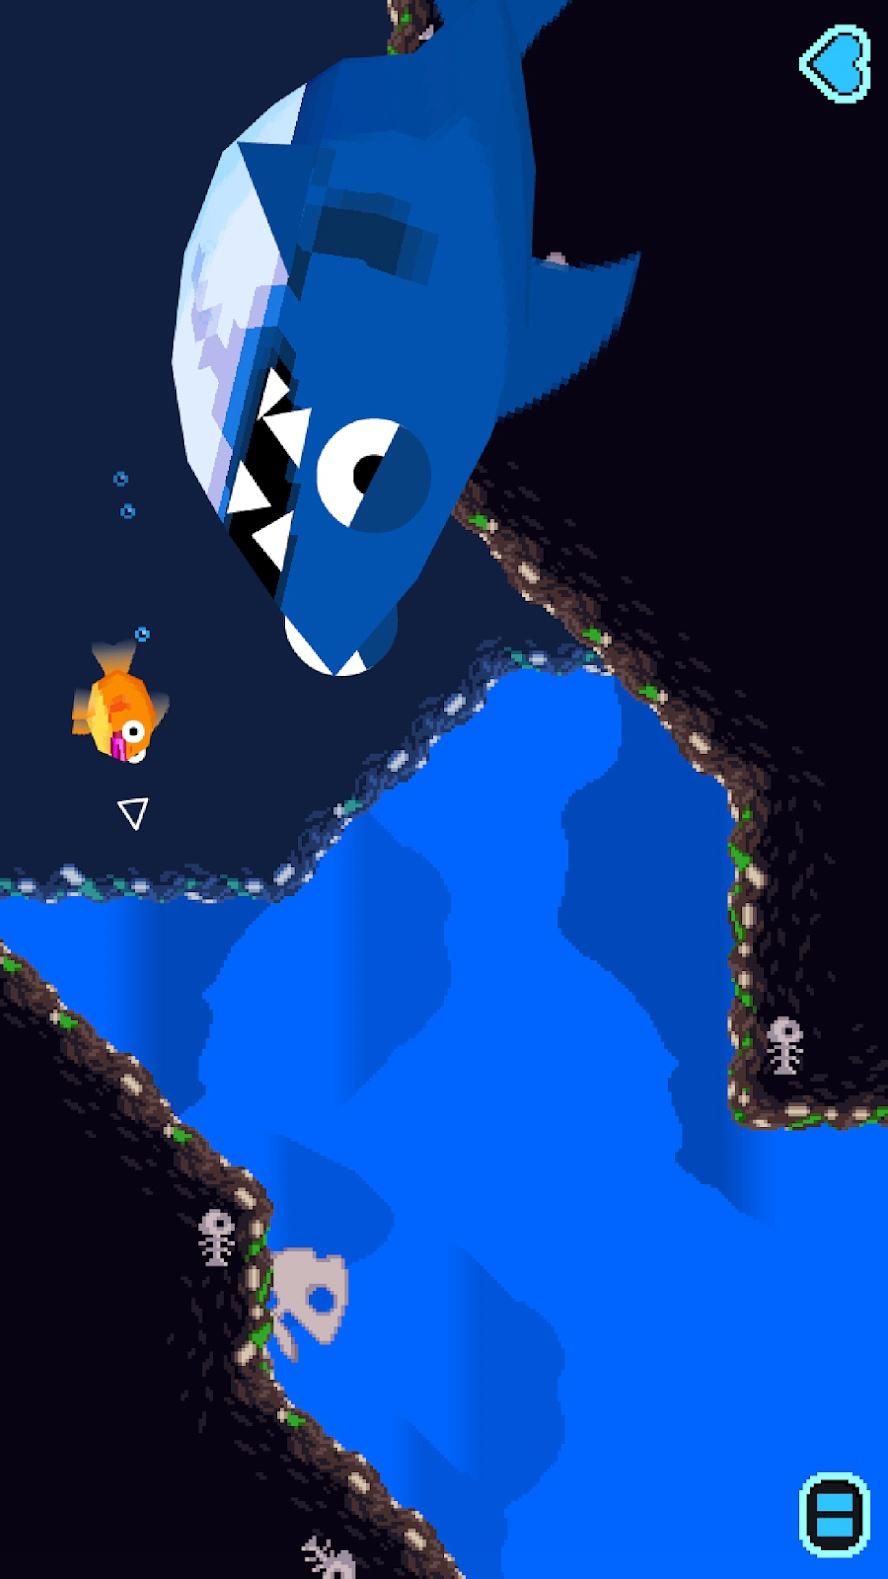 小鱼快跑游戏截图